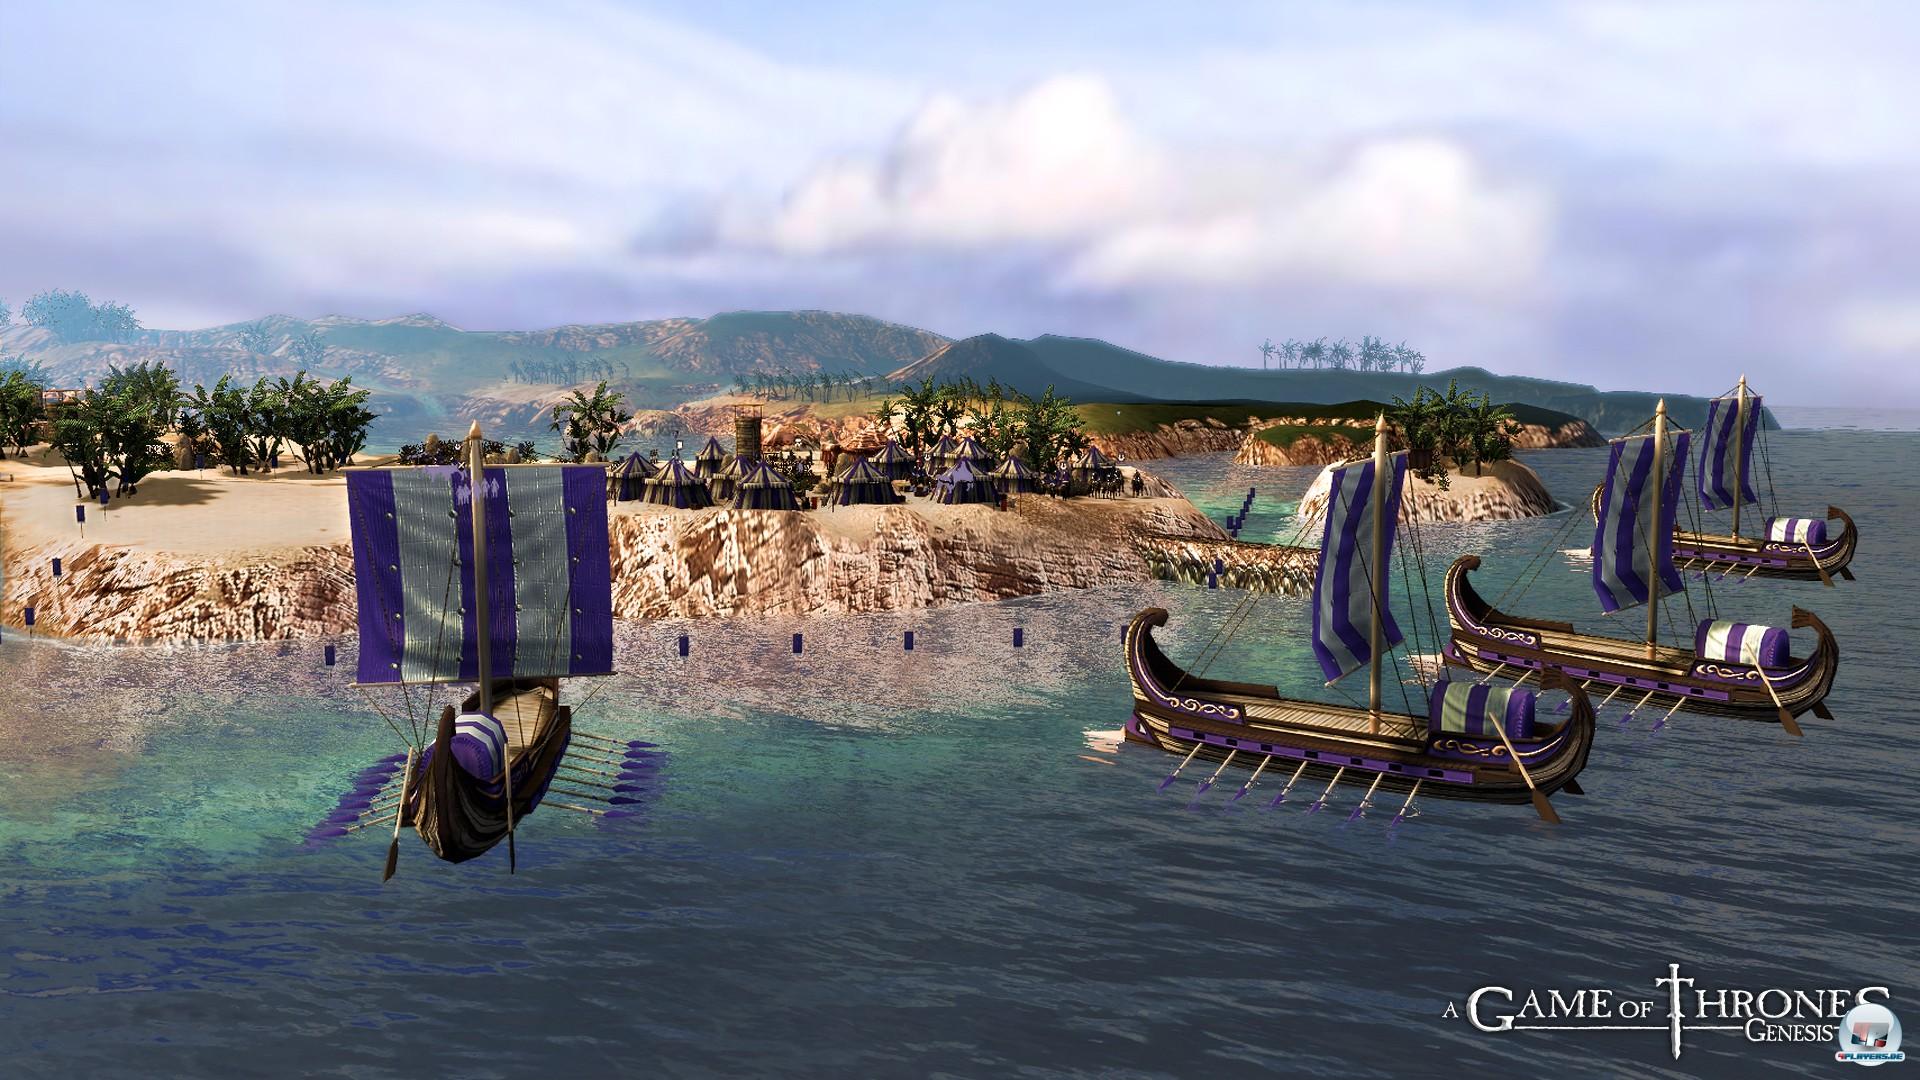 Die Kampagne beginnt mit der Landung Nymerias, deren Boote griechisch aussehen.